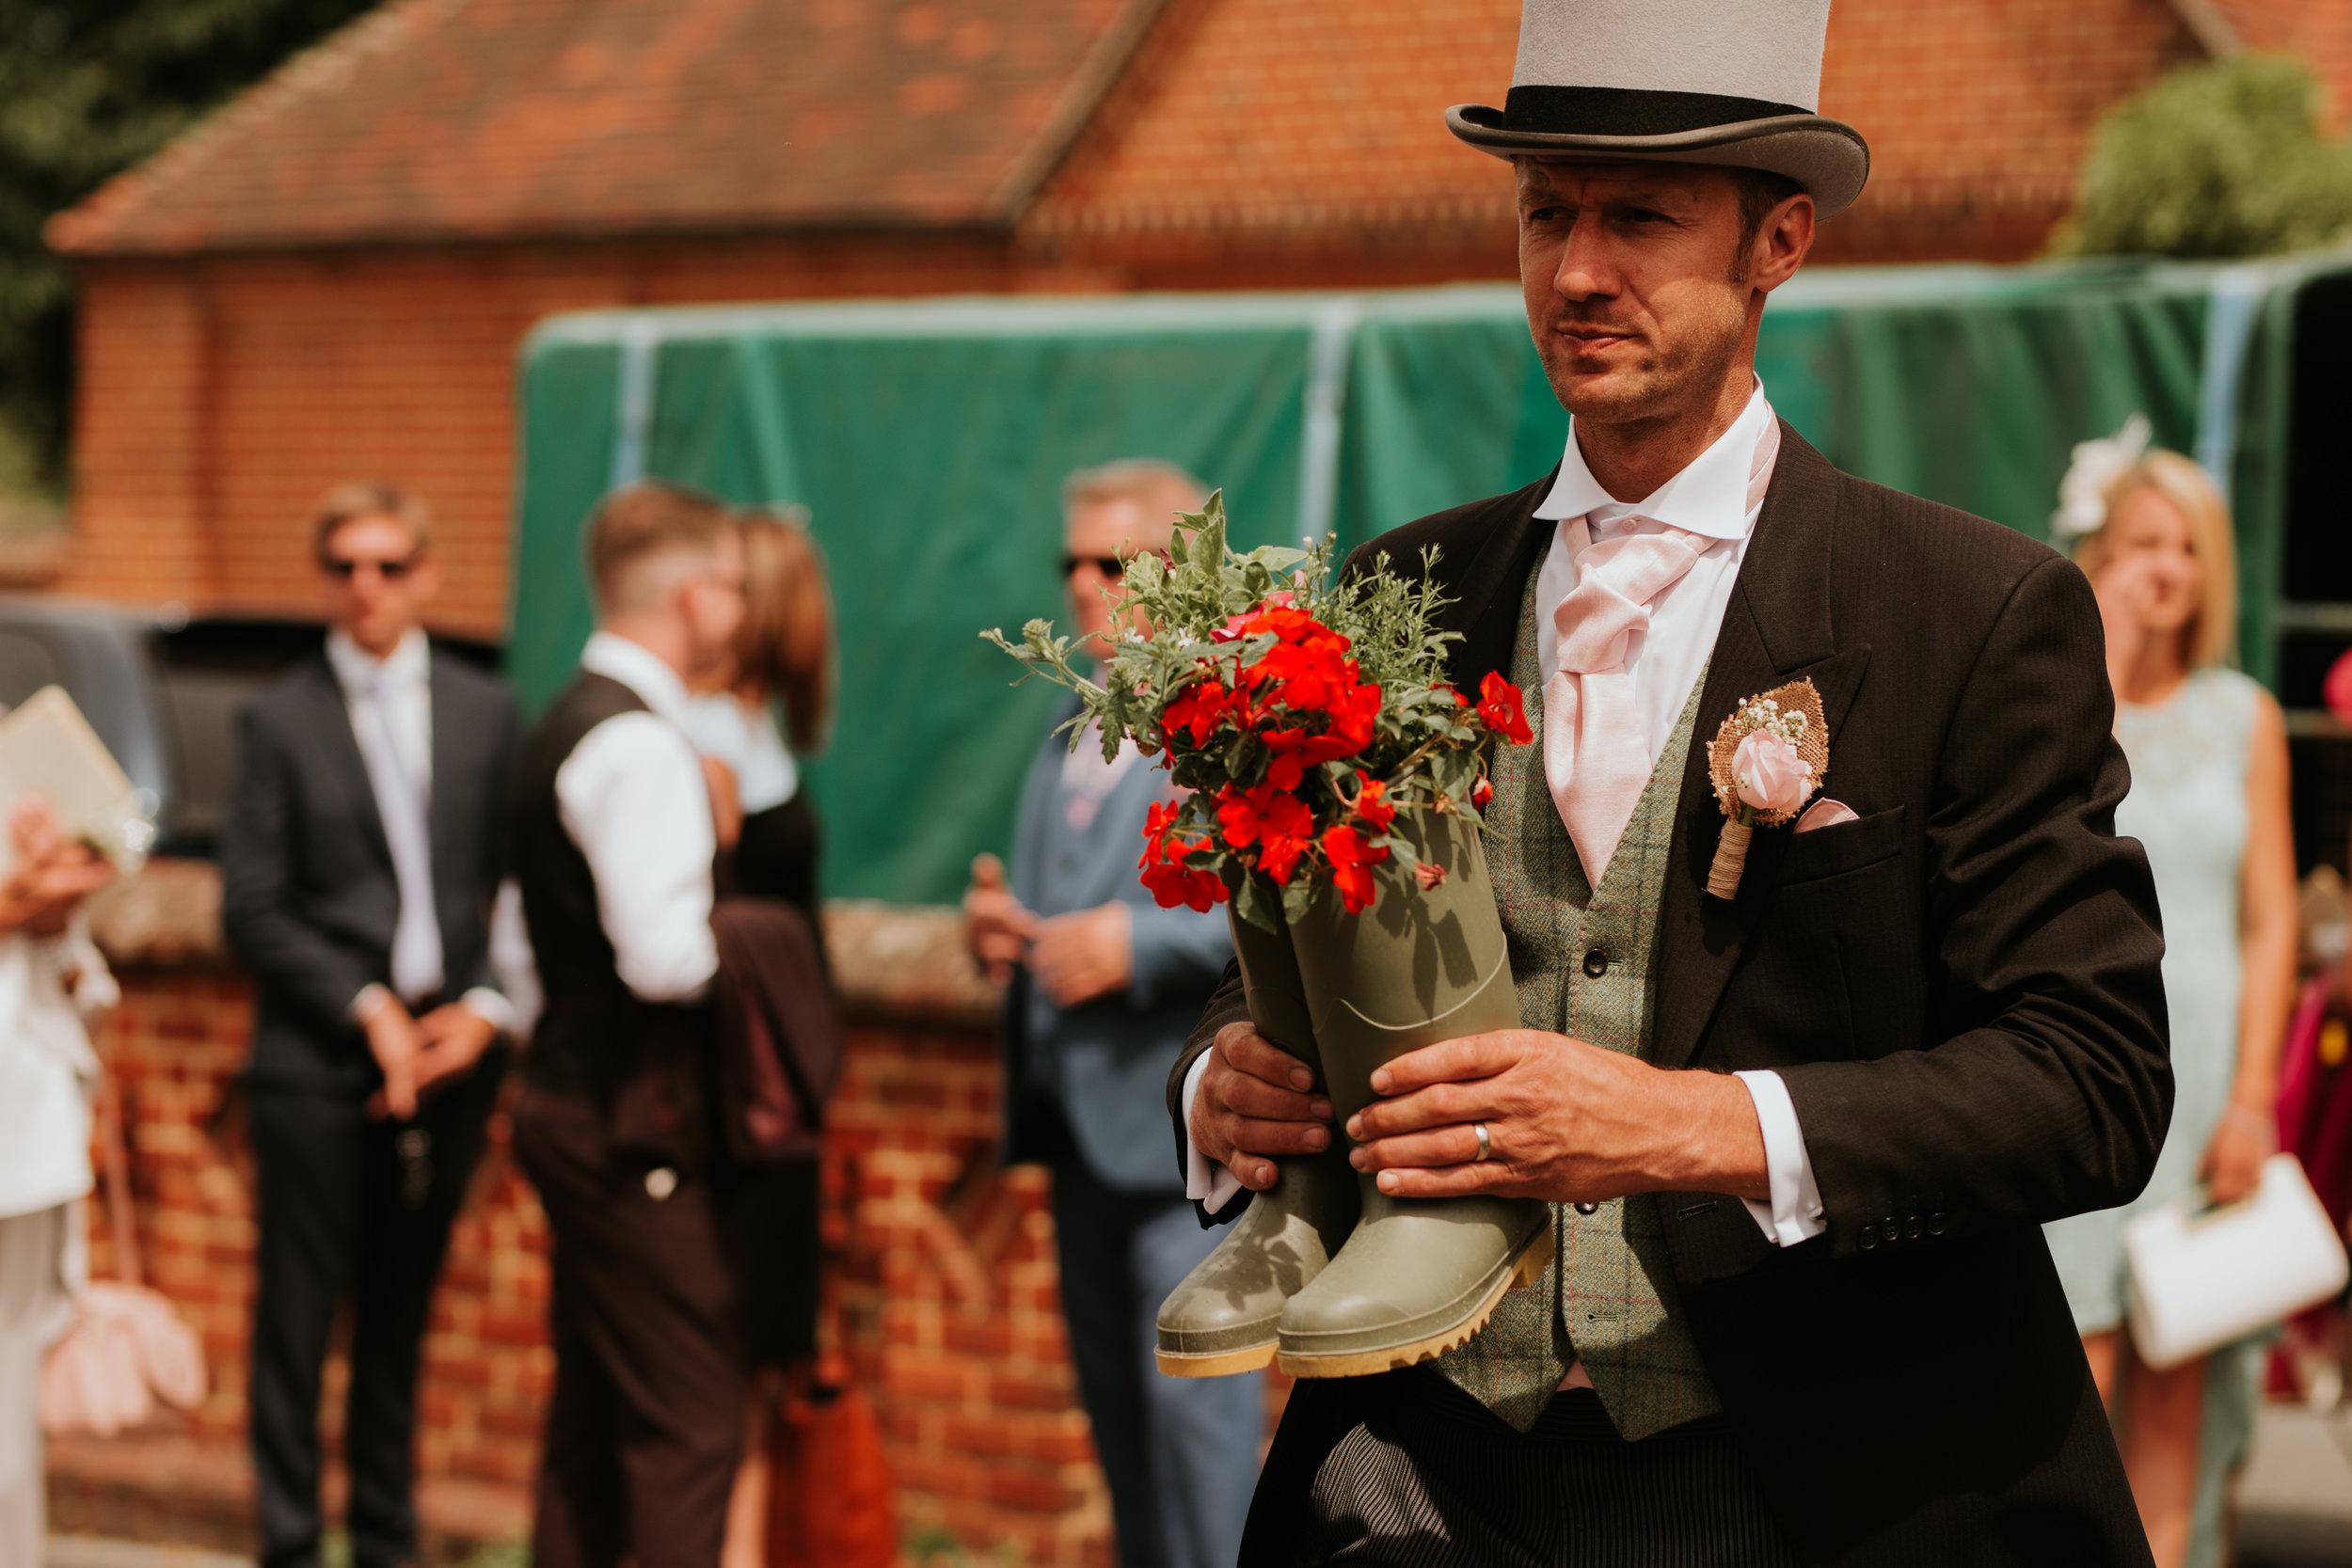 wedding flowers in wellies